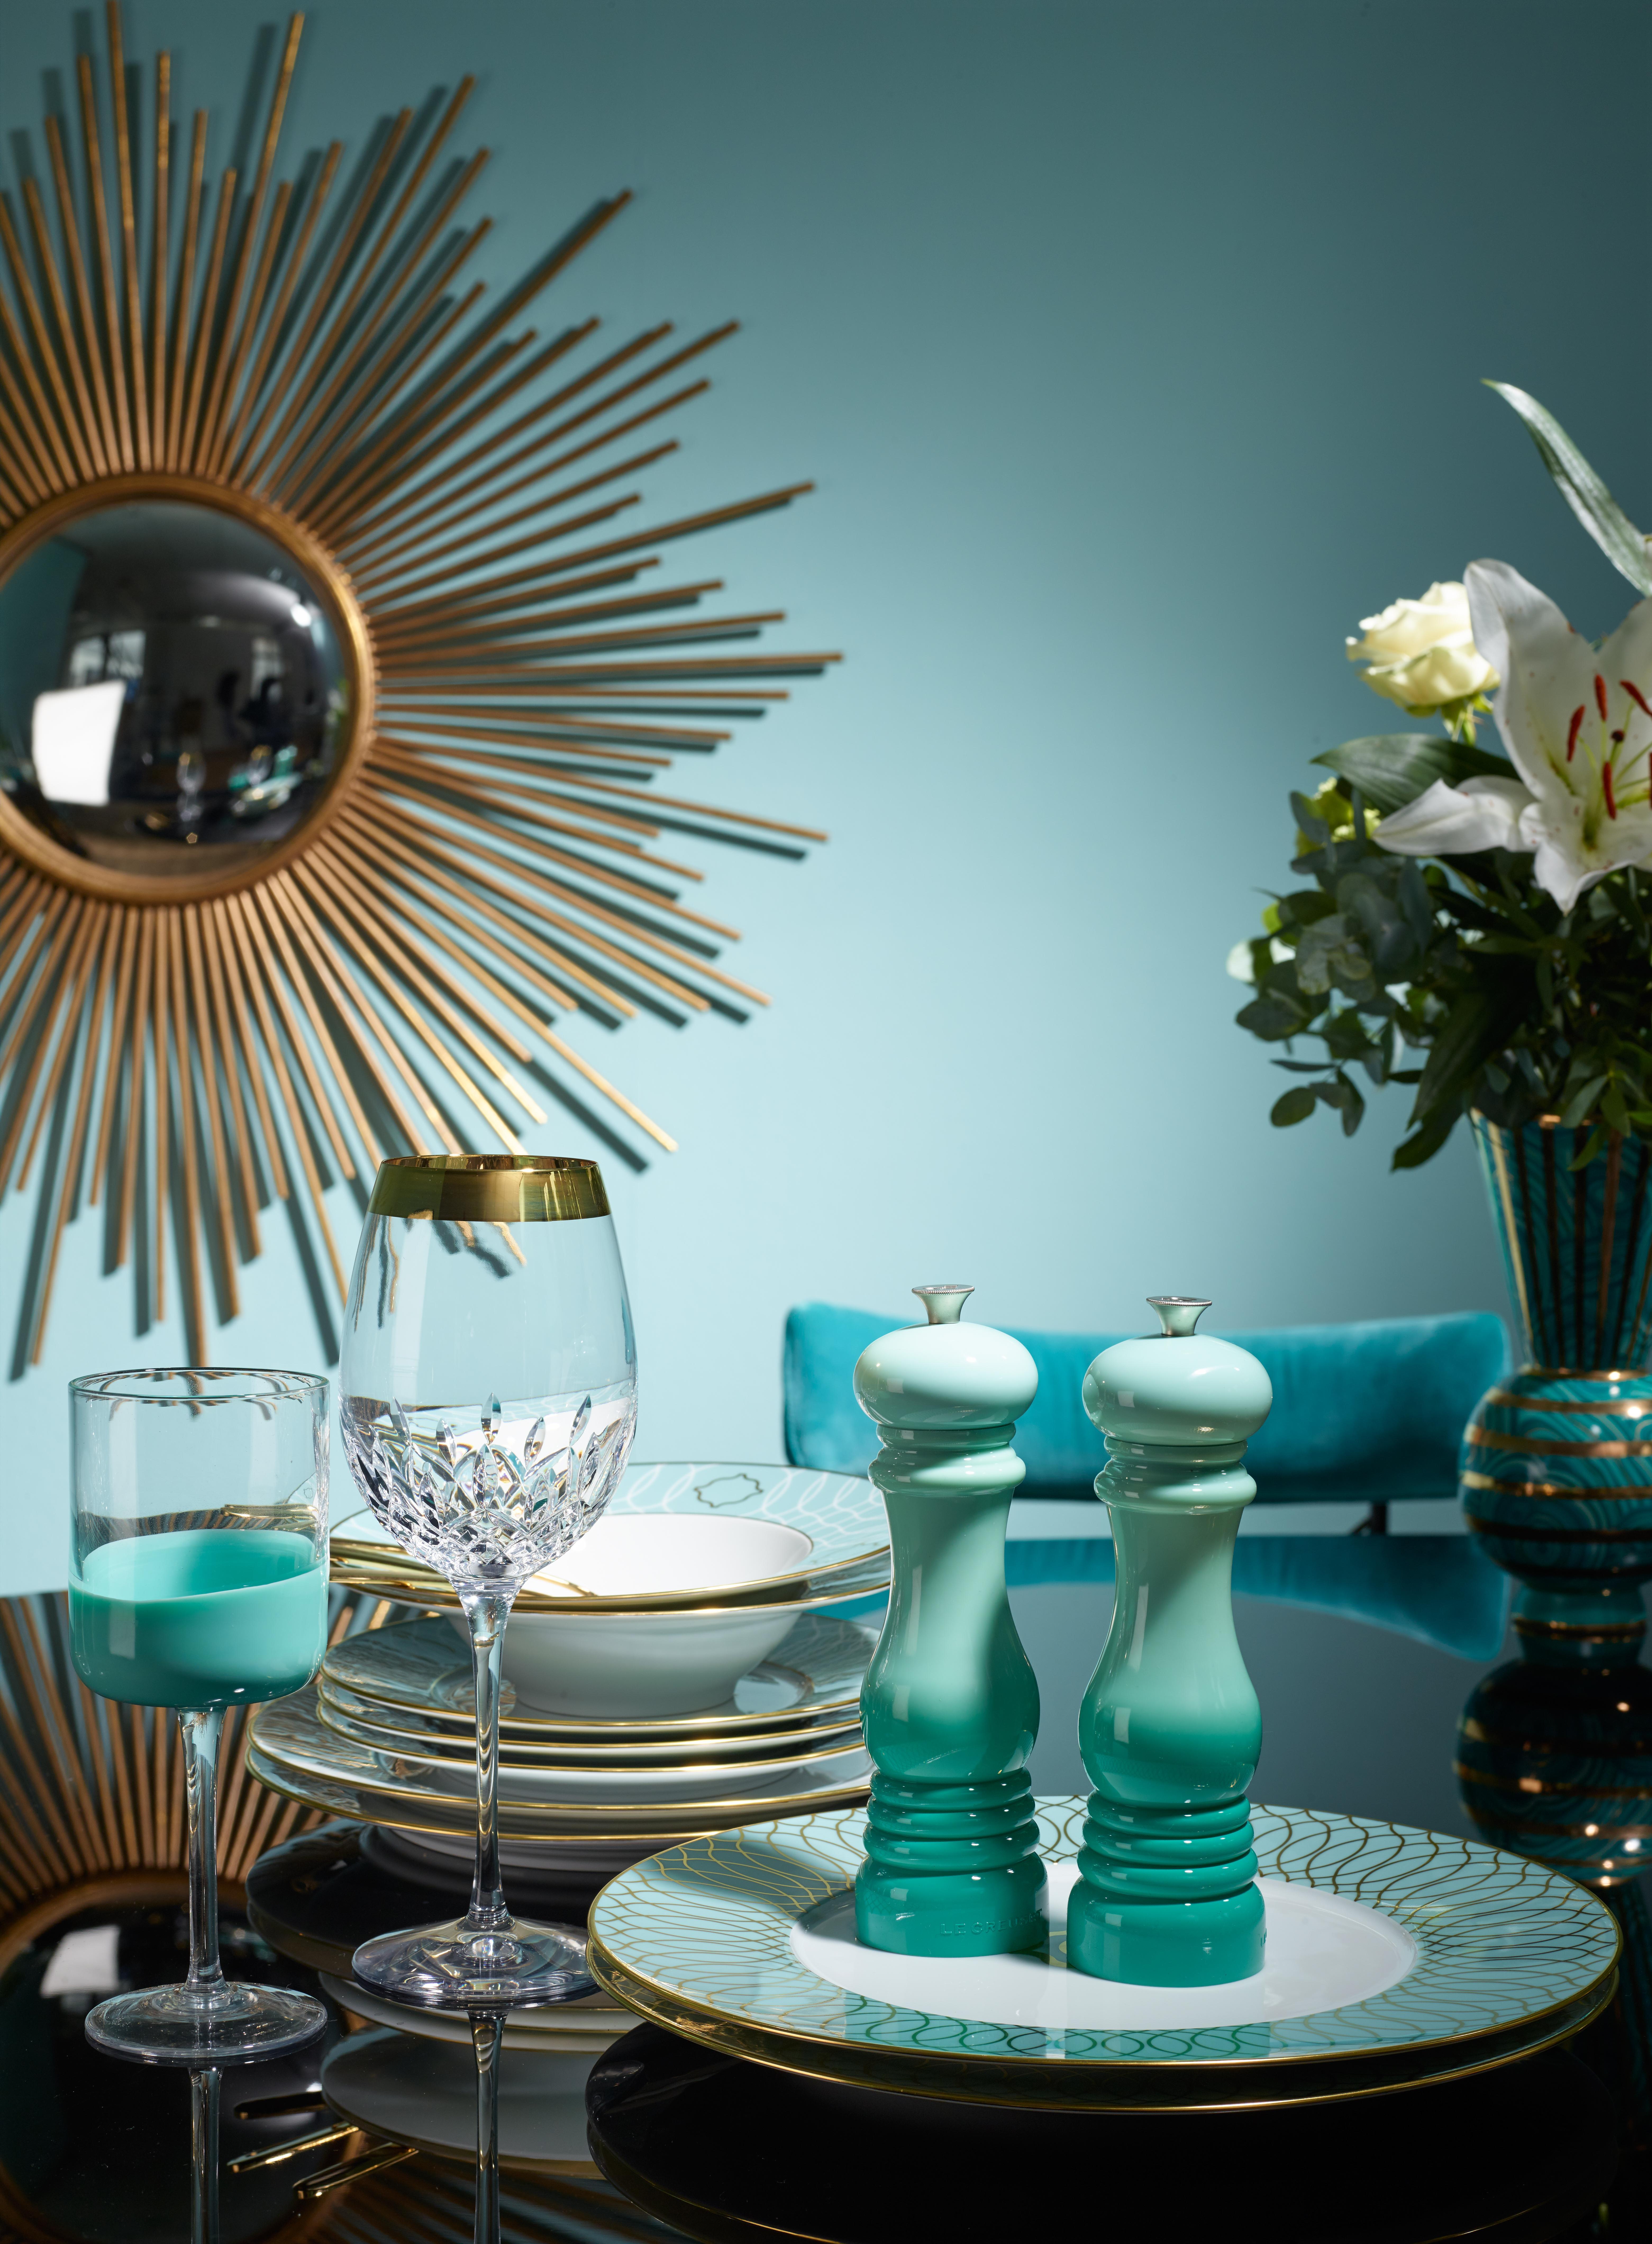 Türkise Wand mit goldenem Sonnenspiegel, davor ein gedeckter Tisch mit Geschirr und Gläsern mit Golddetails